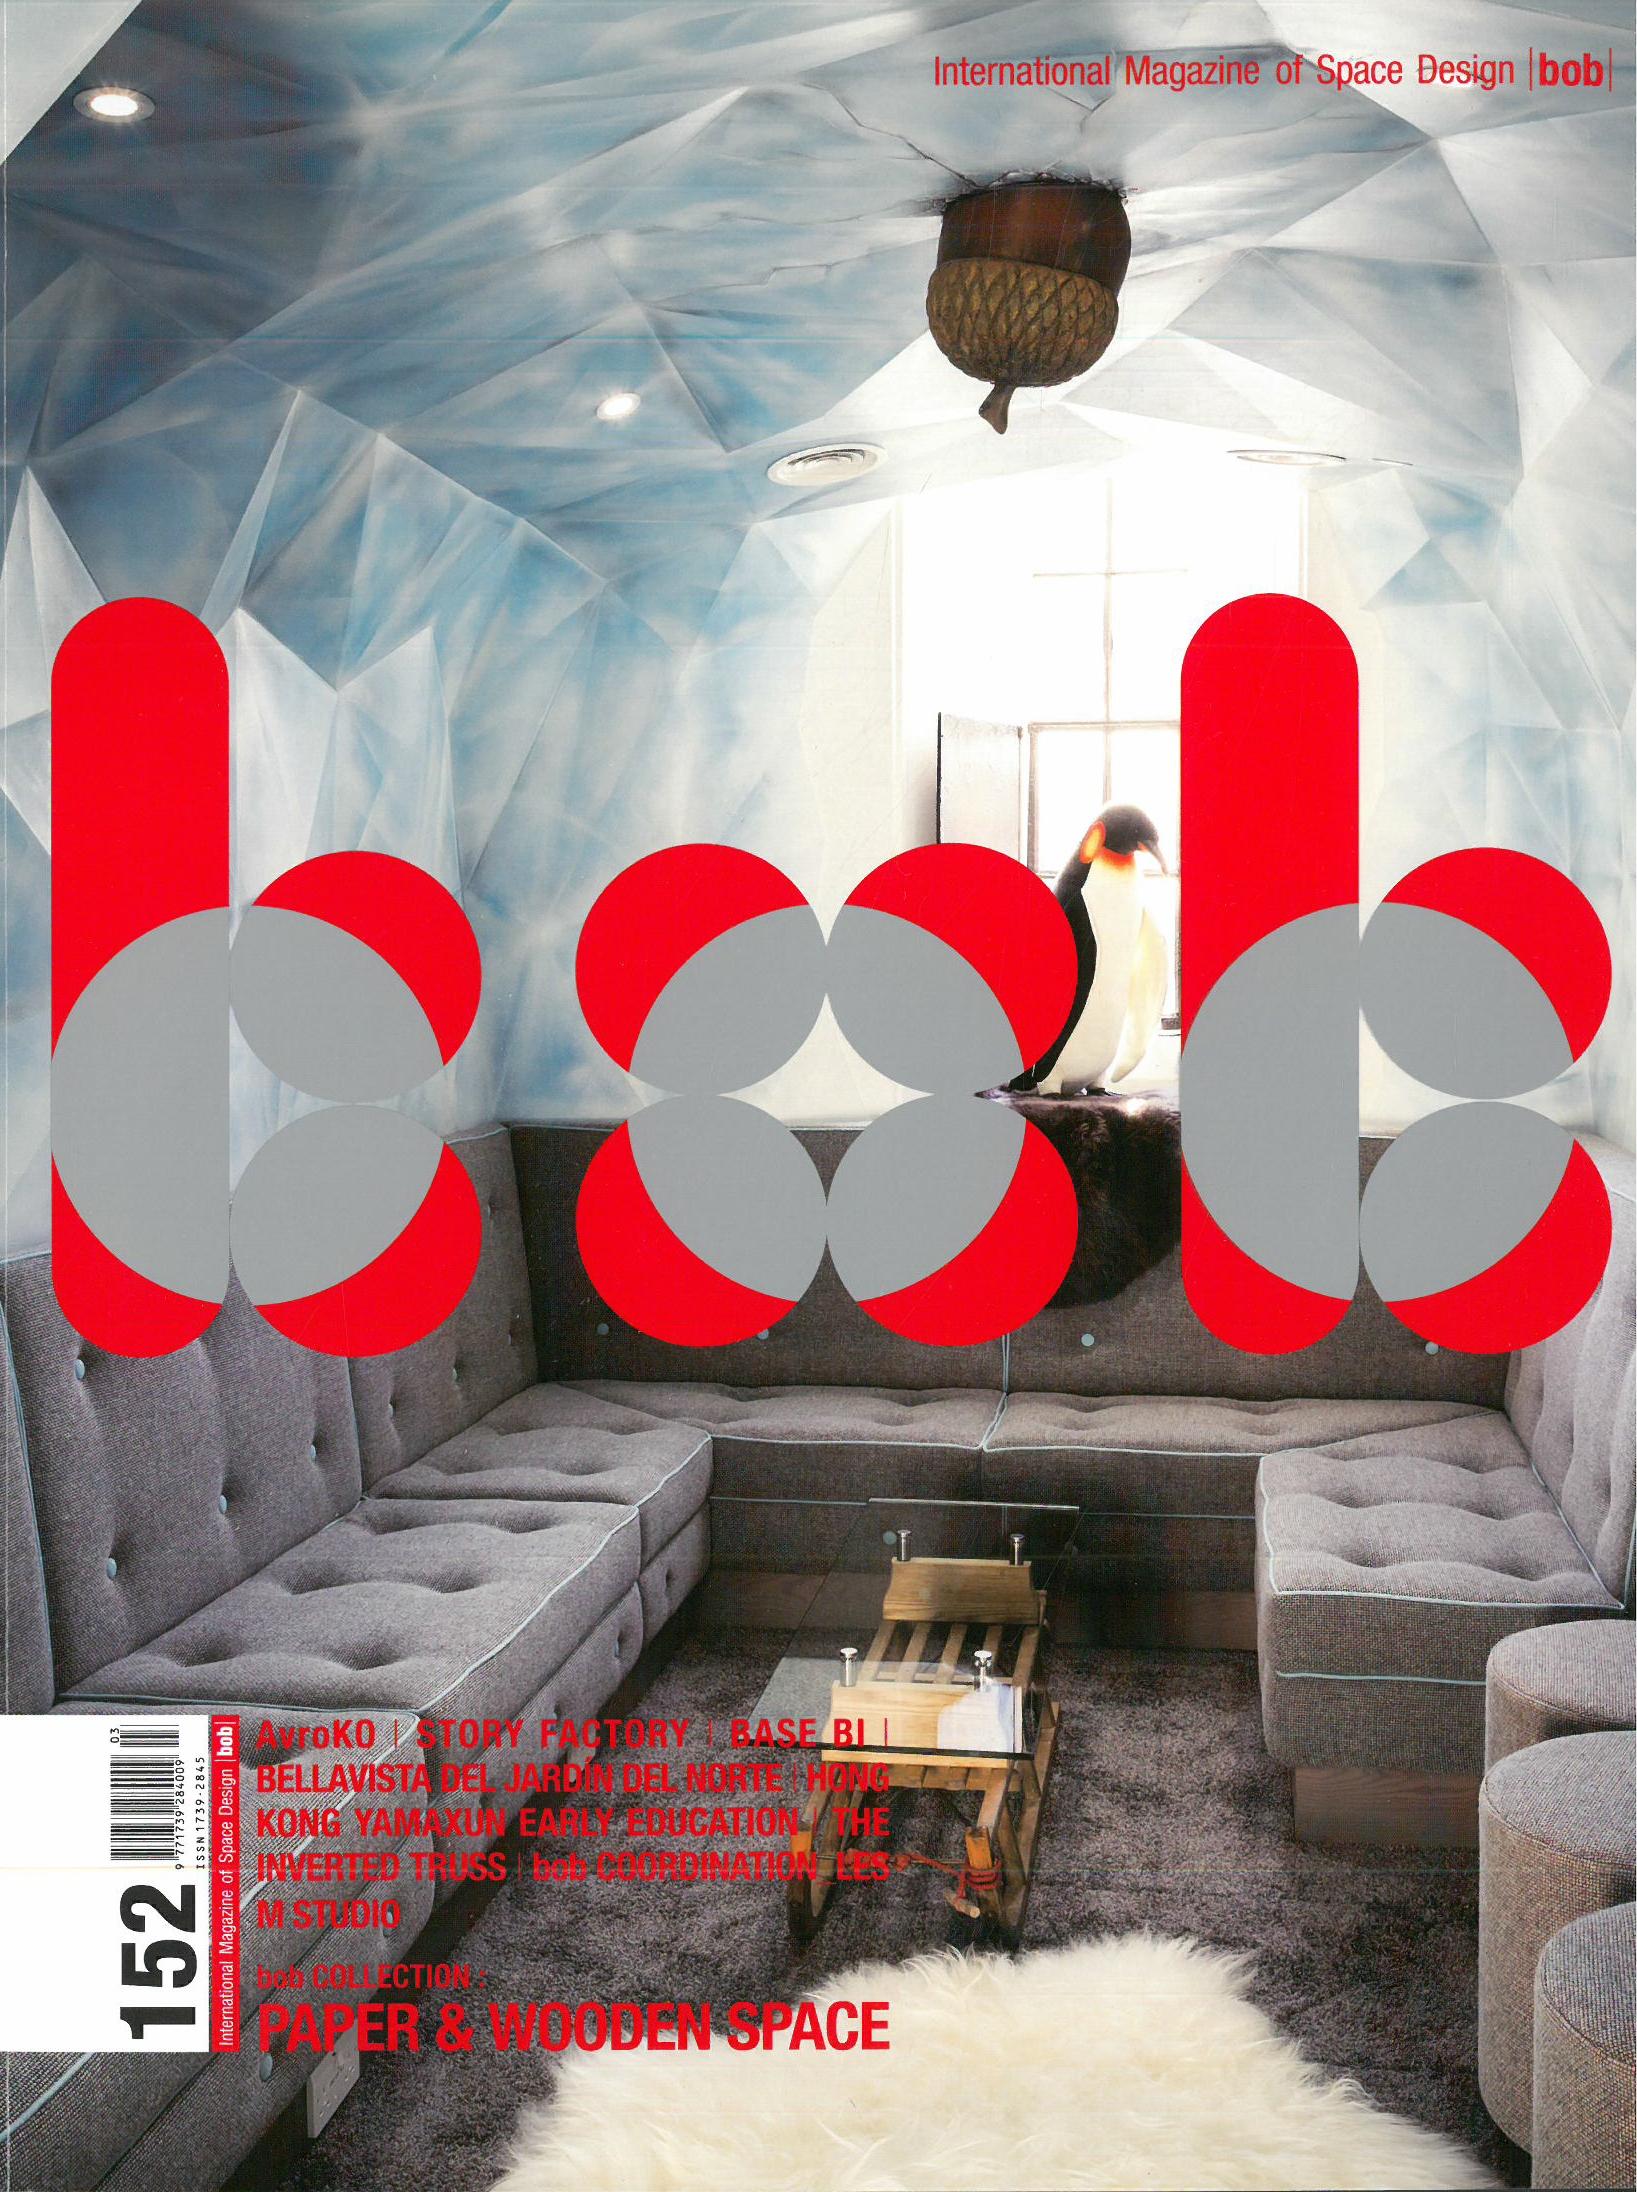 BOB-0 Presse